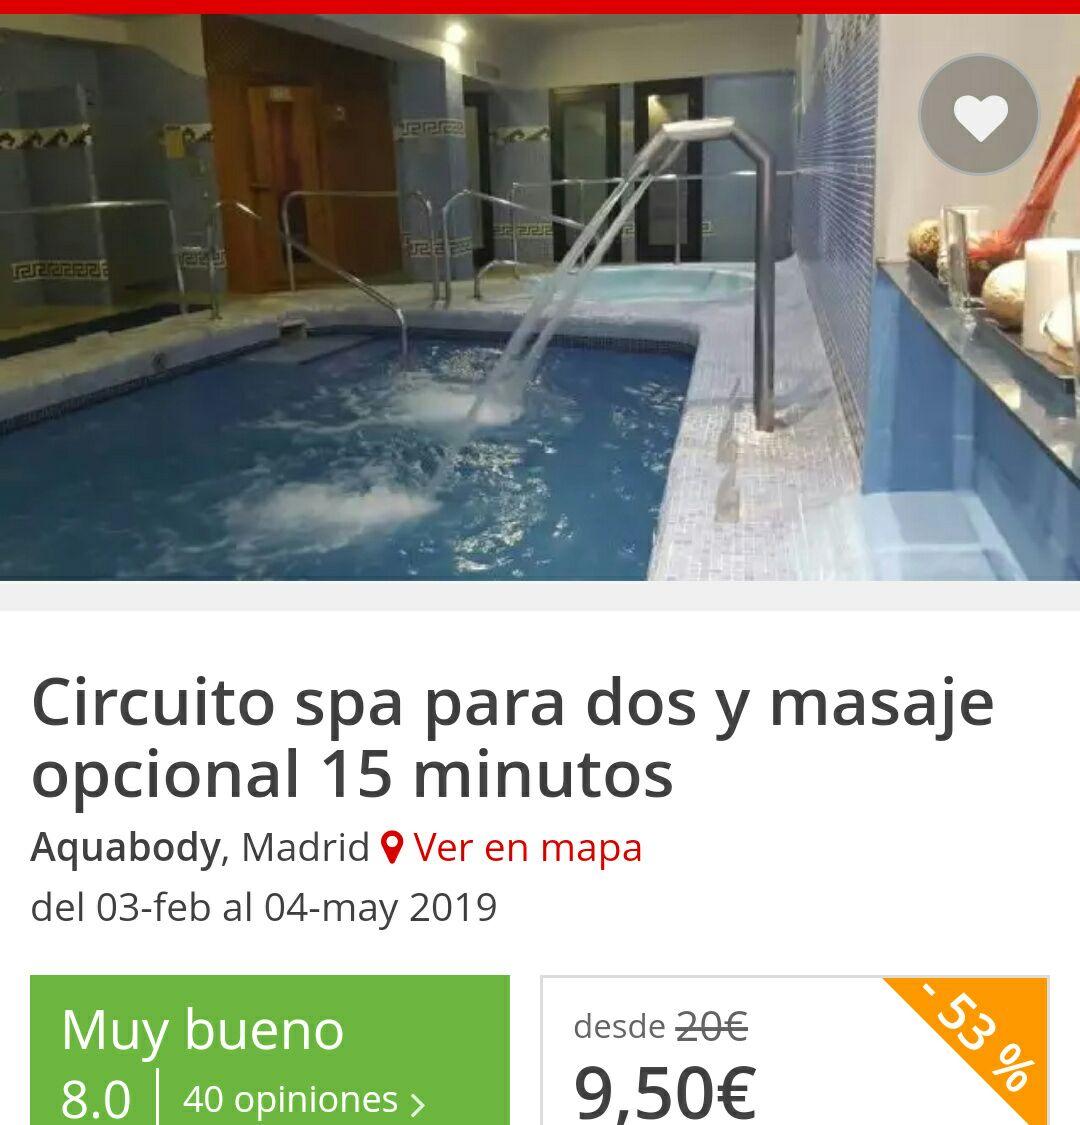 Circuito spa para dos y masaje opcional 15 minutos a parte. Precio por pareja. Madrid